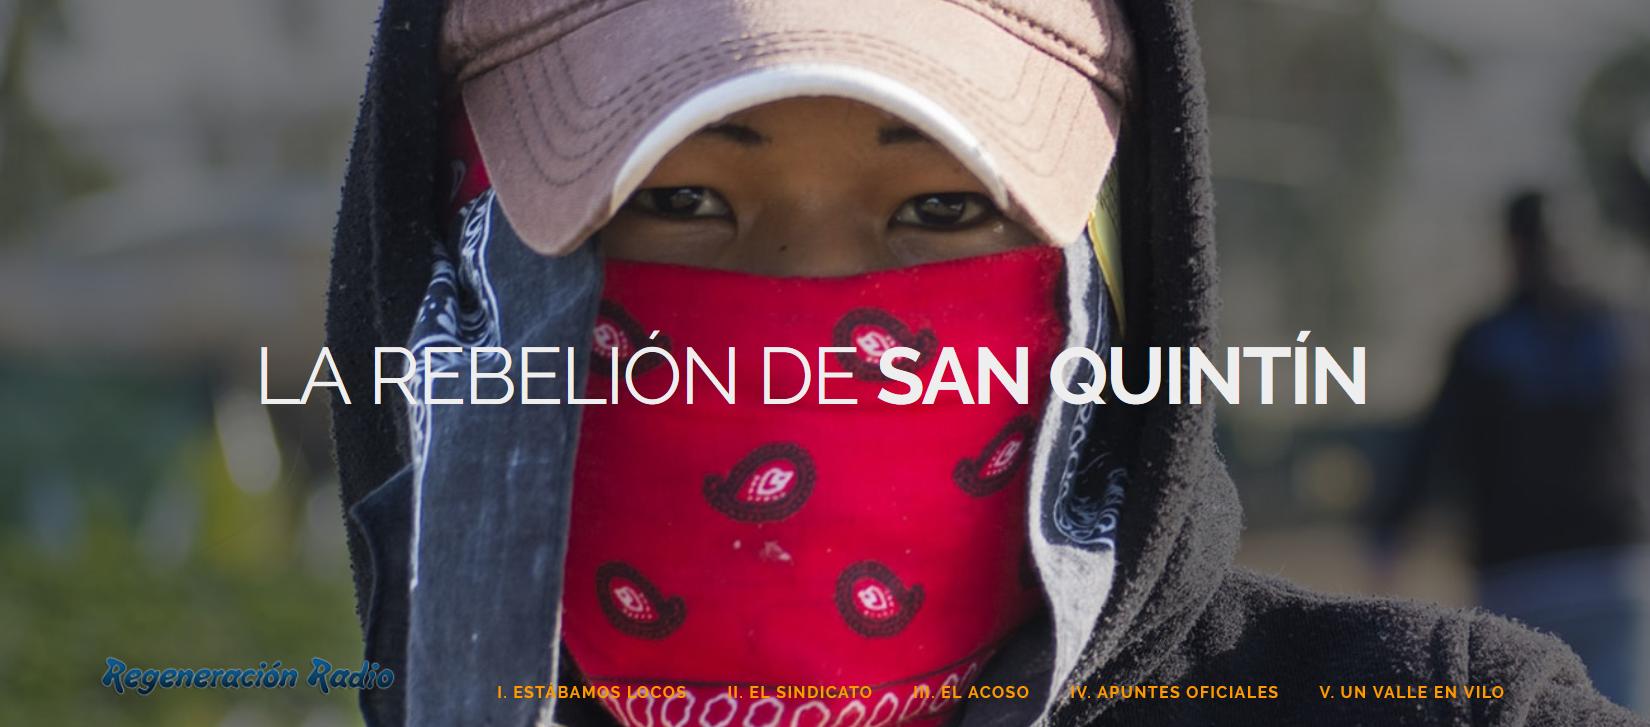 La Rebelión de San Quintín